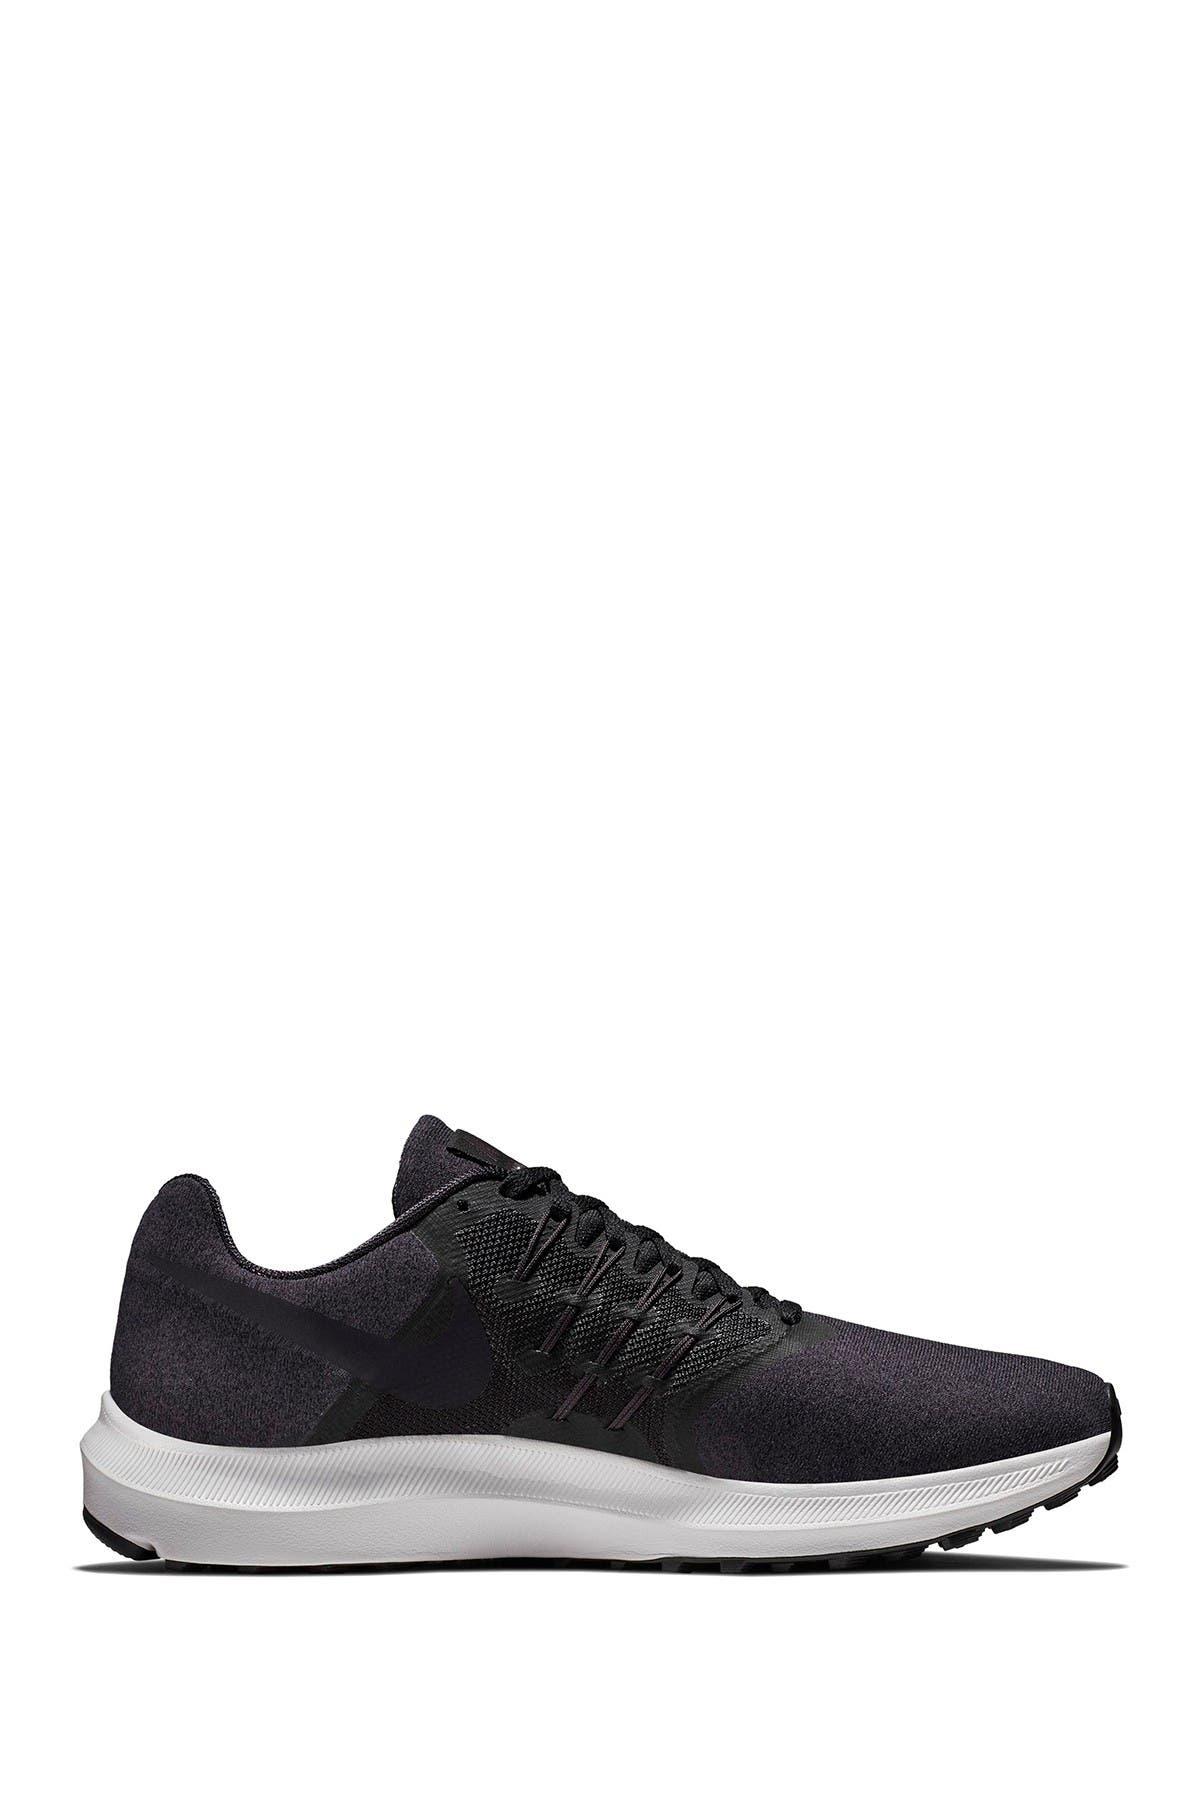 Image of Nike Run Swift Running Shoe